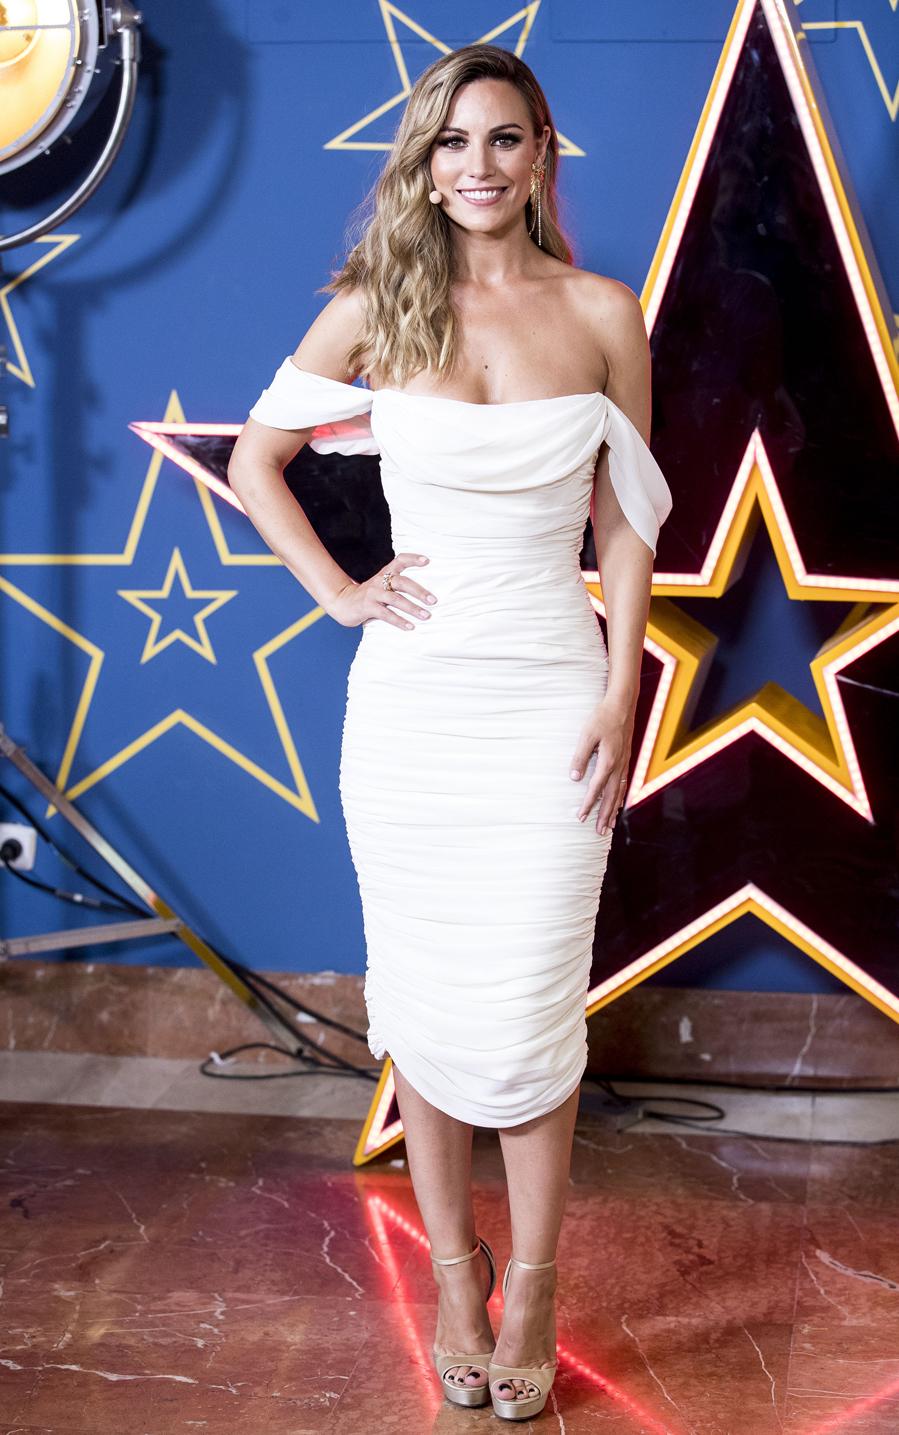 Las Vestidas Elegante De Semana Más Mejor Con Vestido Edurne La El YI6yb7vfg